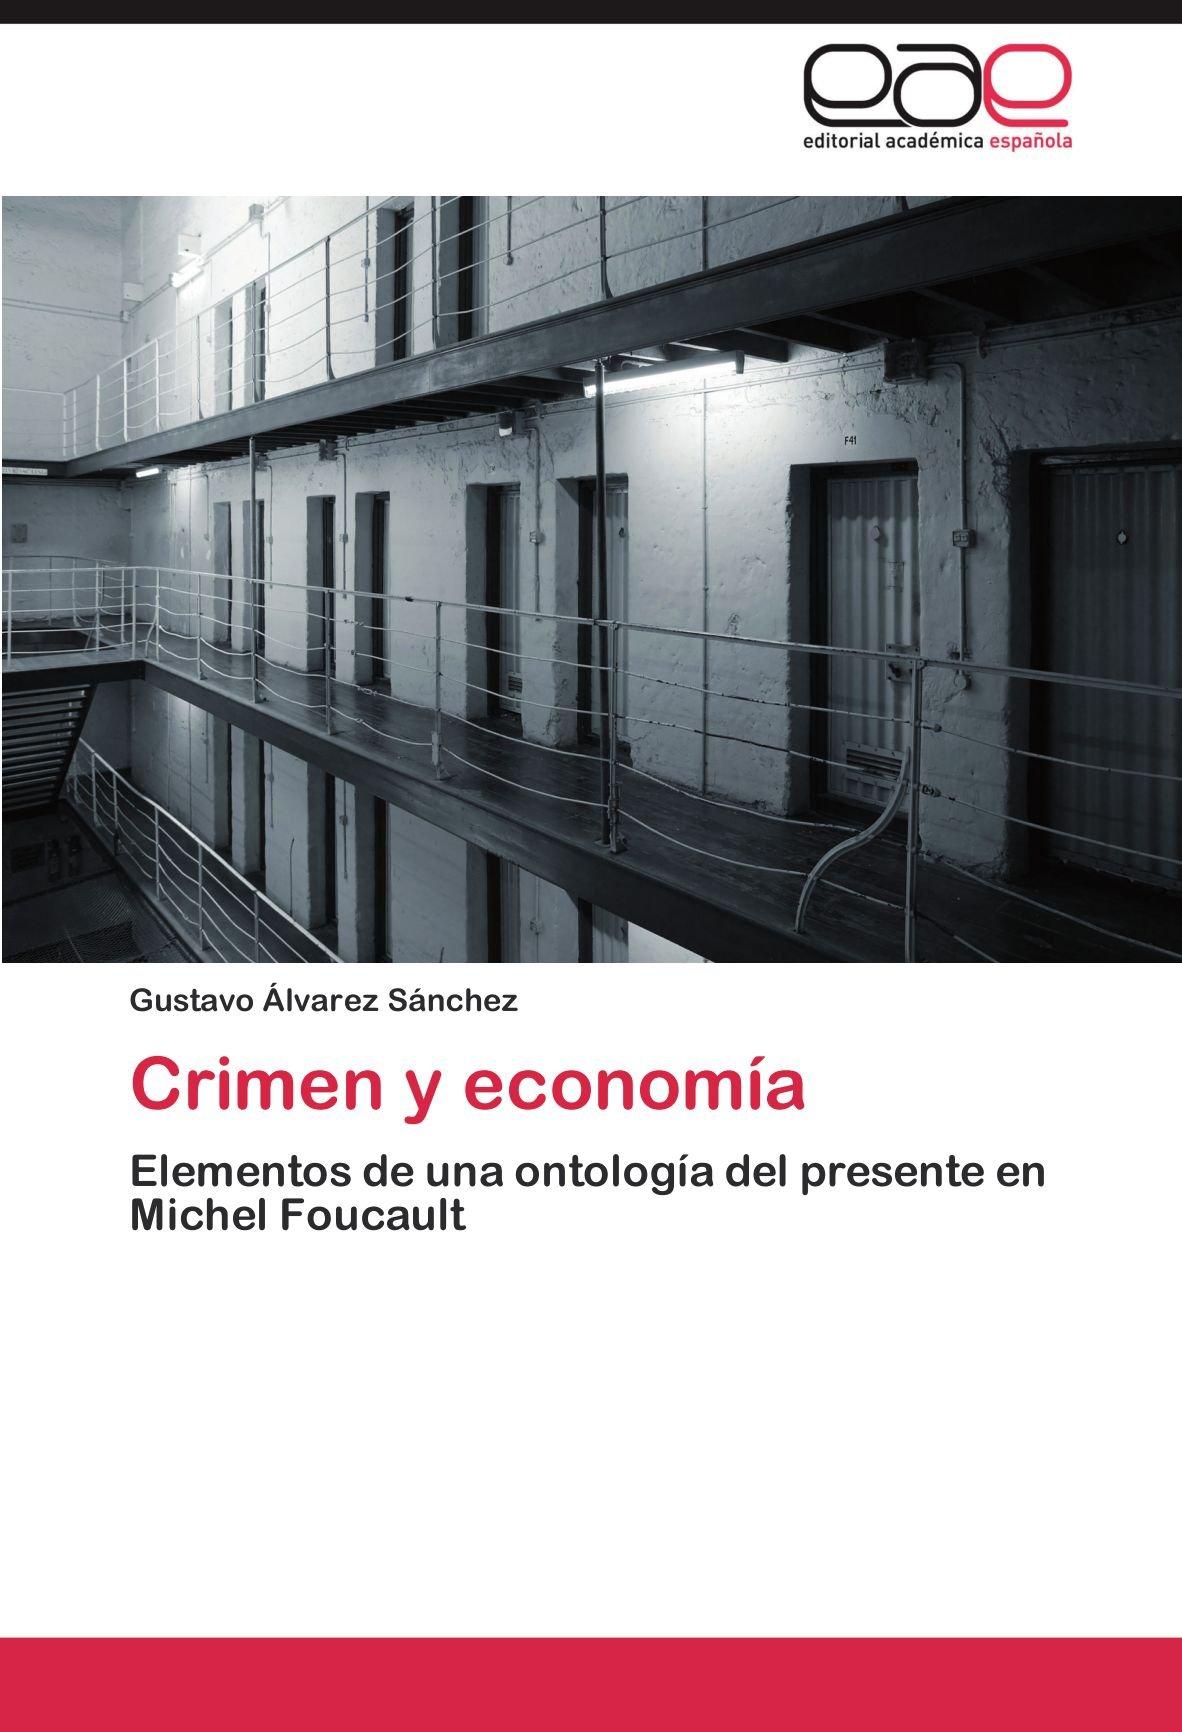 Crimen y economía: Elementos de una ontología del presente en Michel Foucault (Spanish Edition): Gustavo Álvarez Sánchez: 9783848465354: Amazon.com: Books